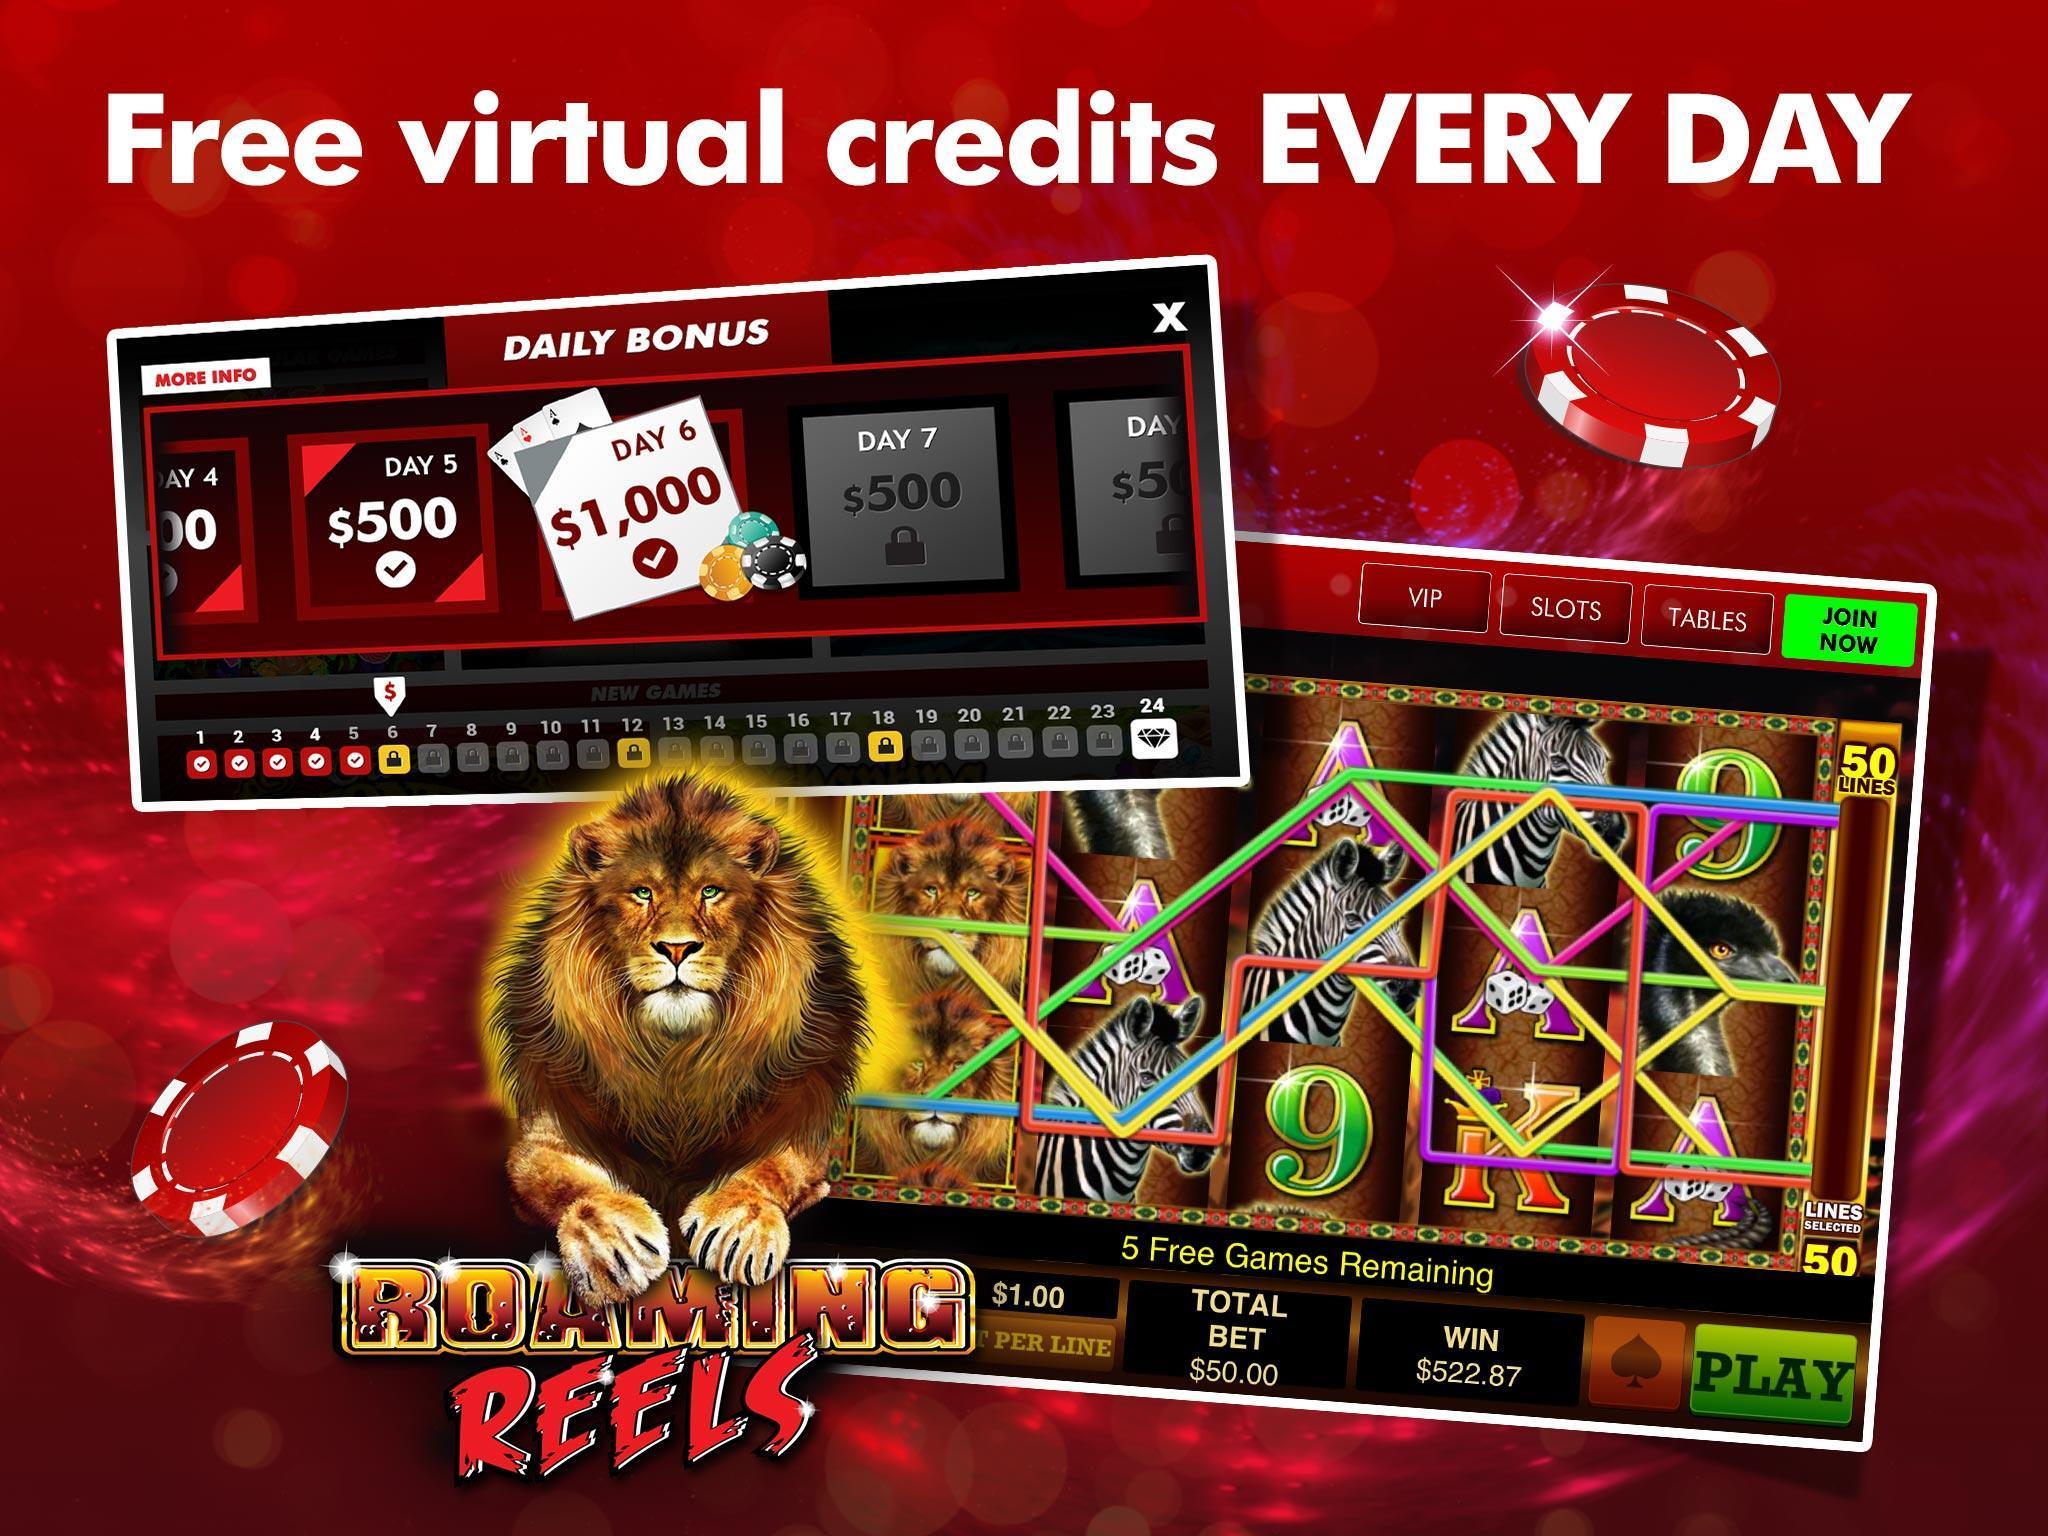 Live Social Casino